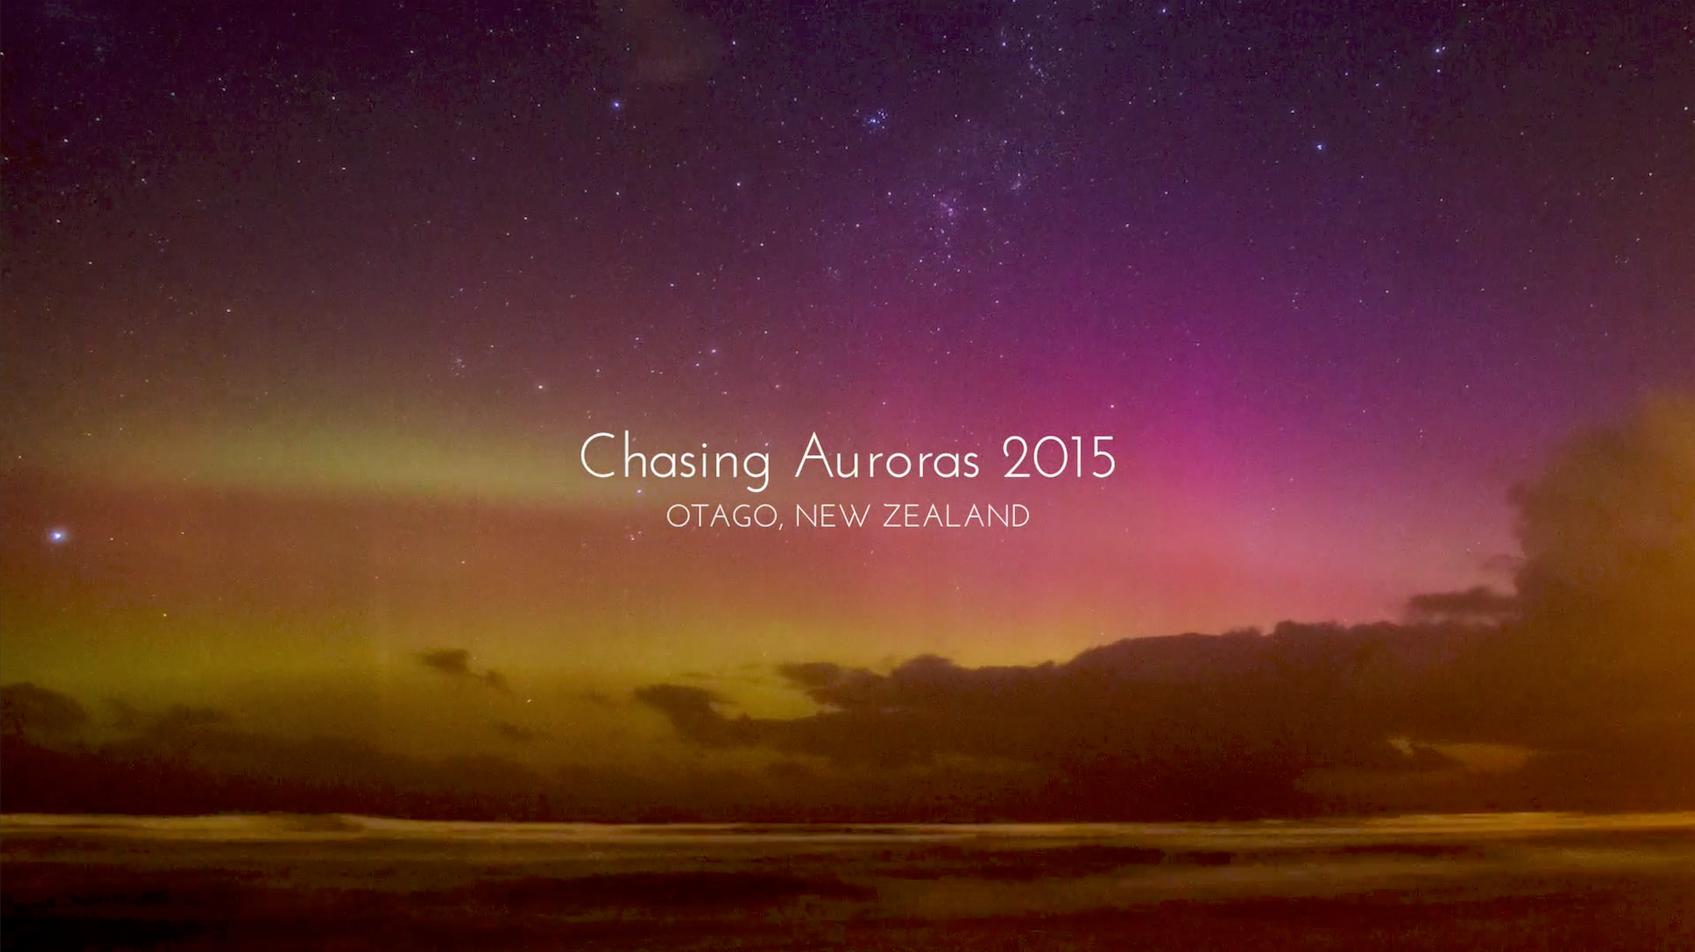 Chasing Auroras 2015